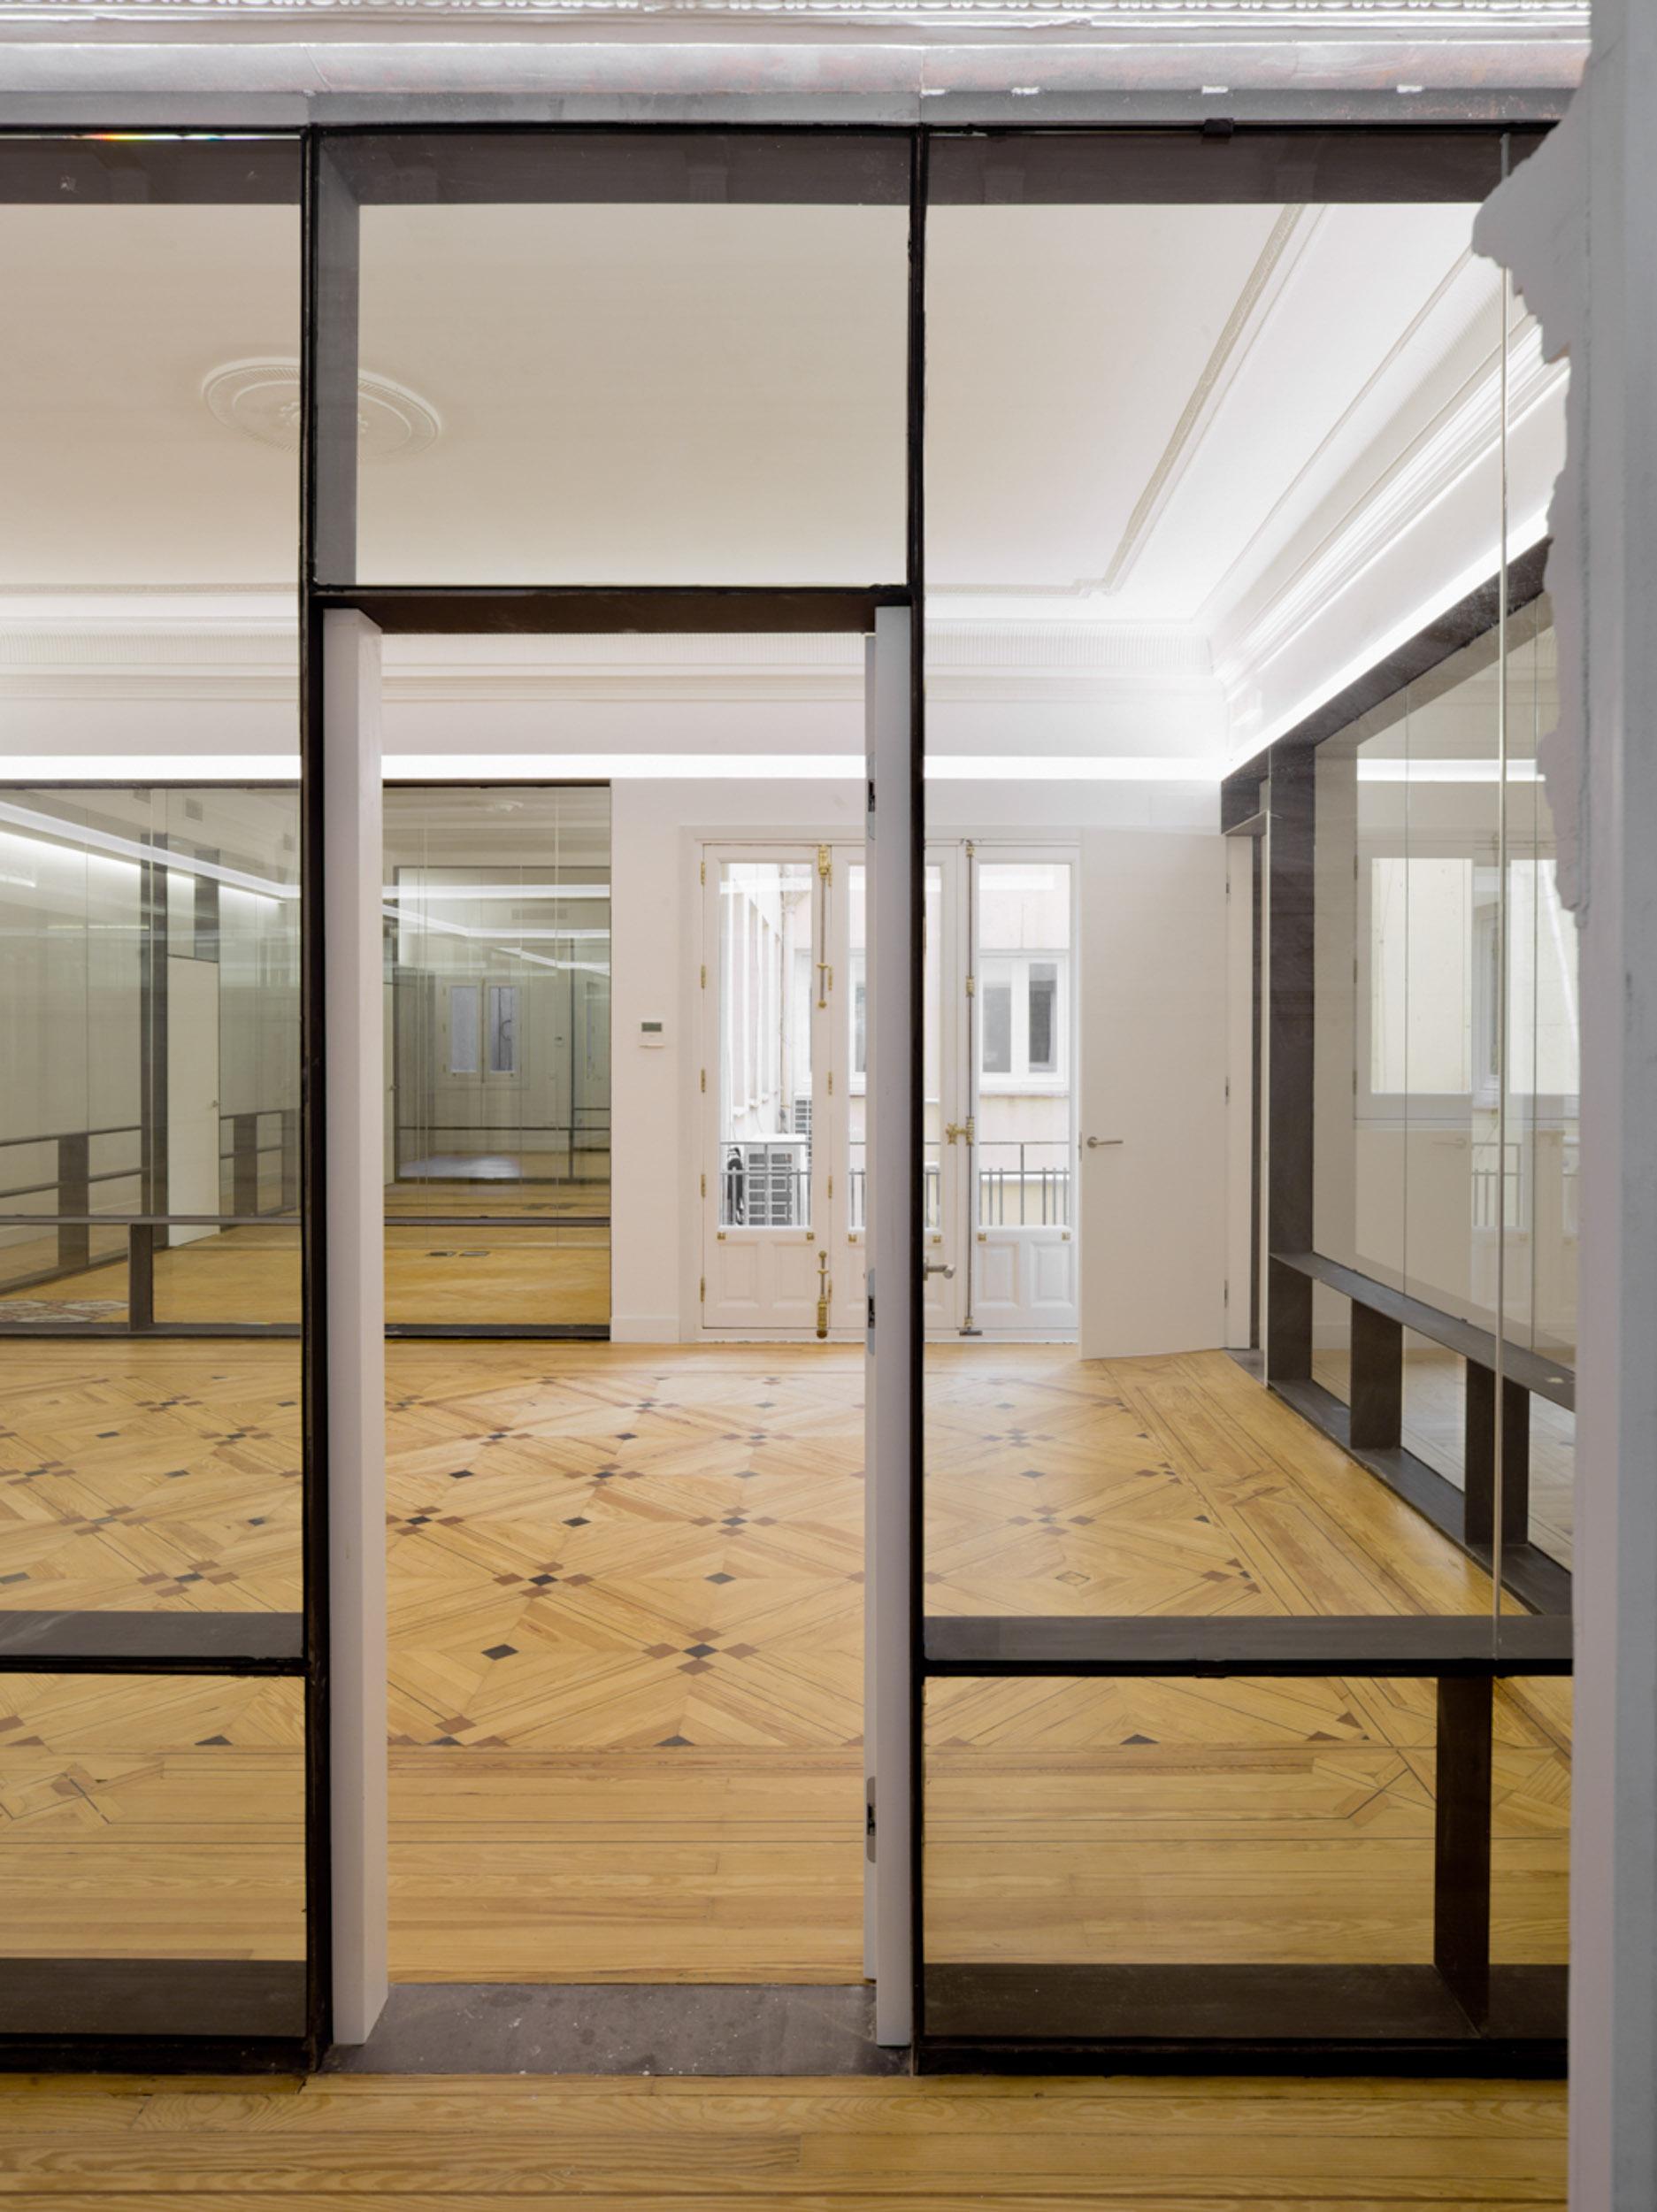 Convertir oficina en vivienda amazing antes with for Cambio de uso de oficina a vivienda